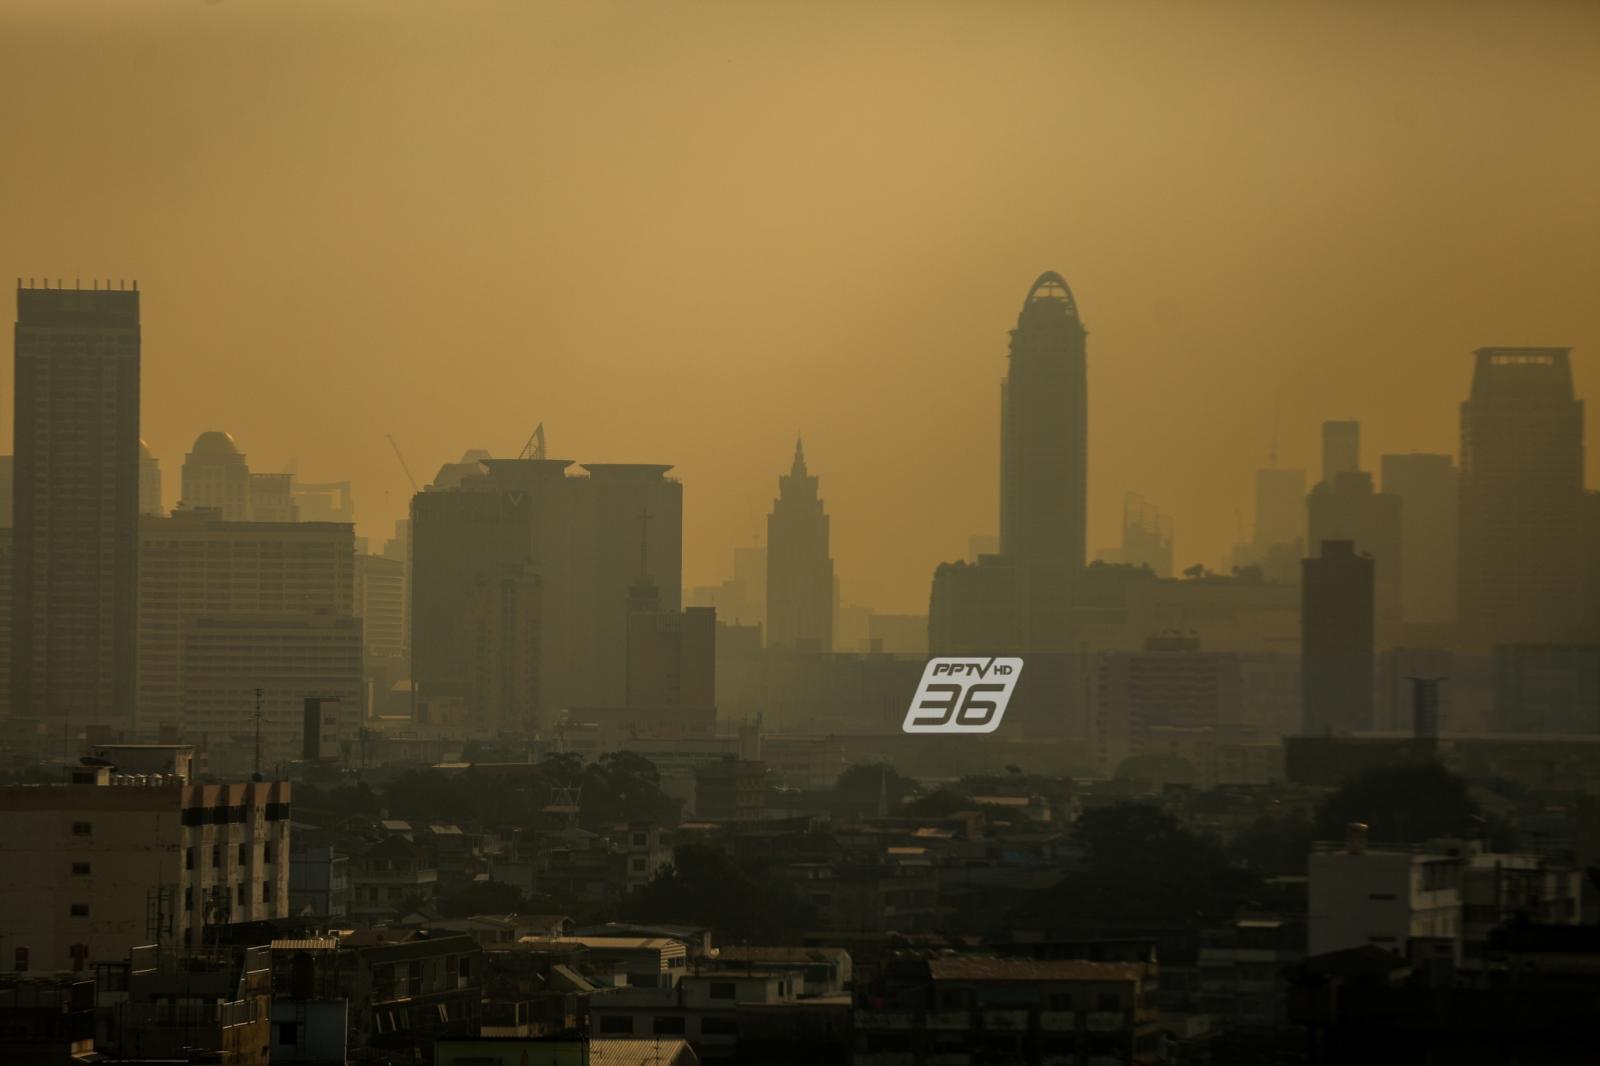 ฝุ่น PM2.5 เกินมาตรฐาน 7 สถานี พบ 4 จุดต้องเฝ้าระวัง!